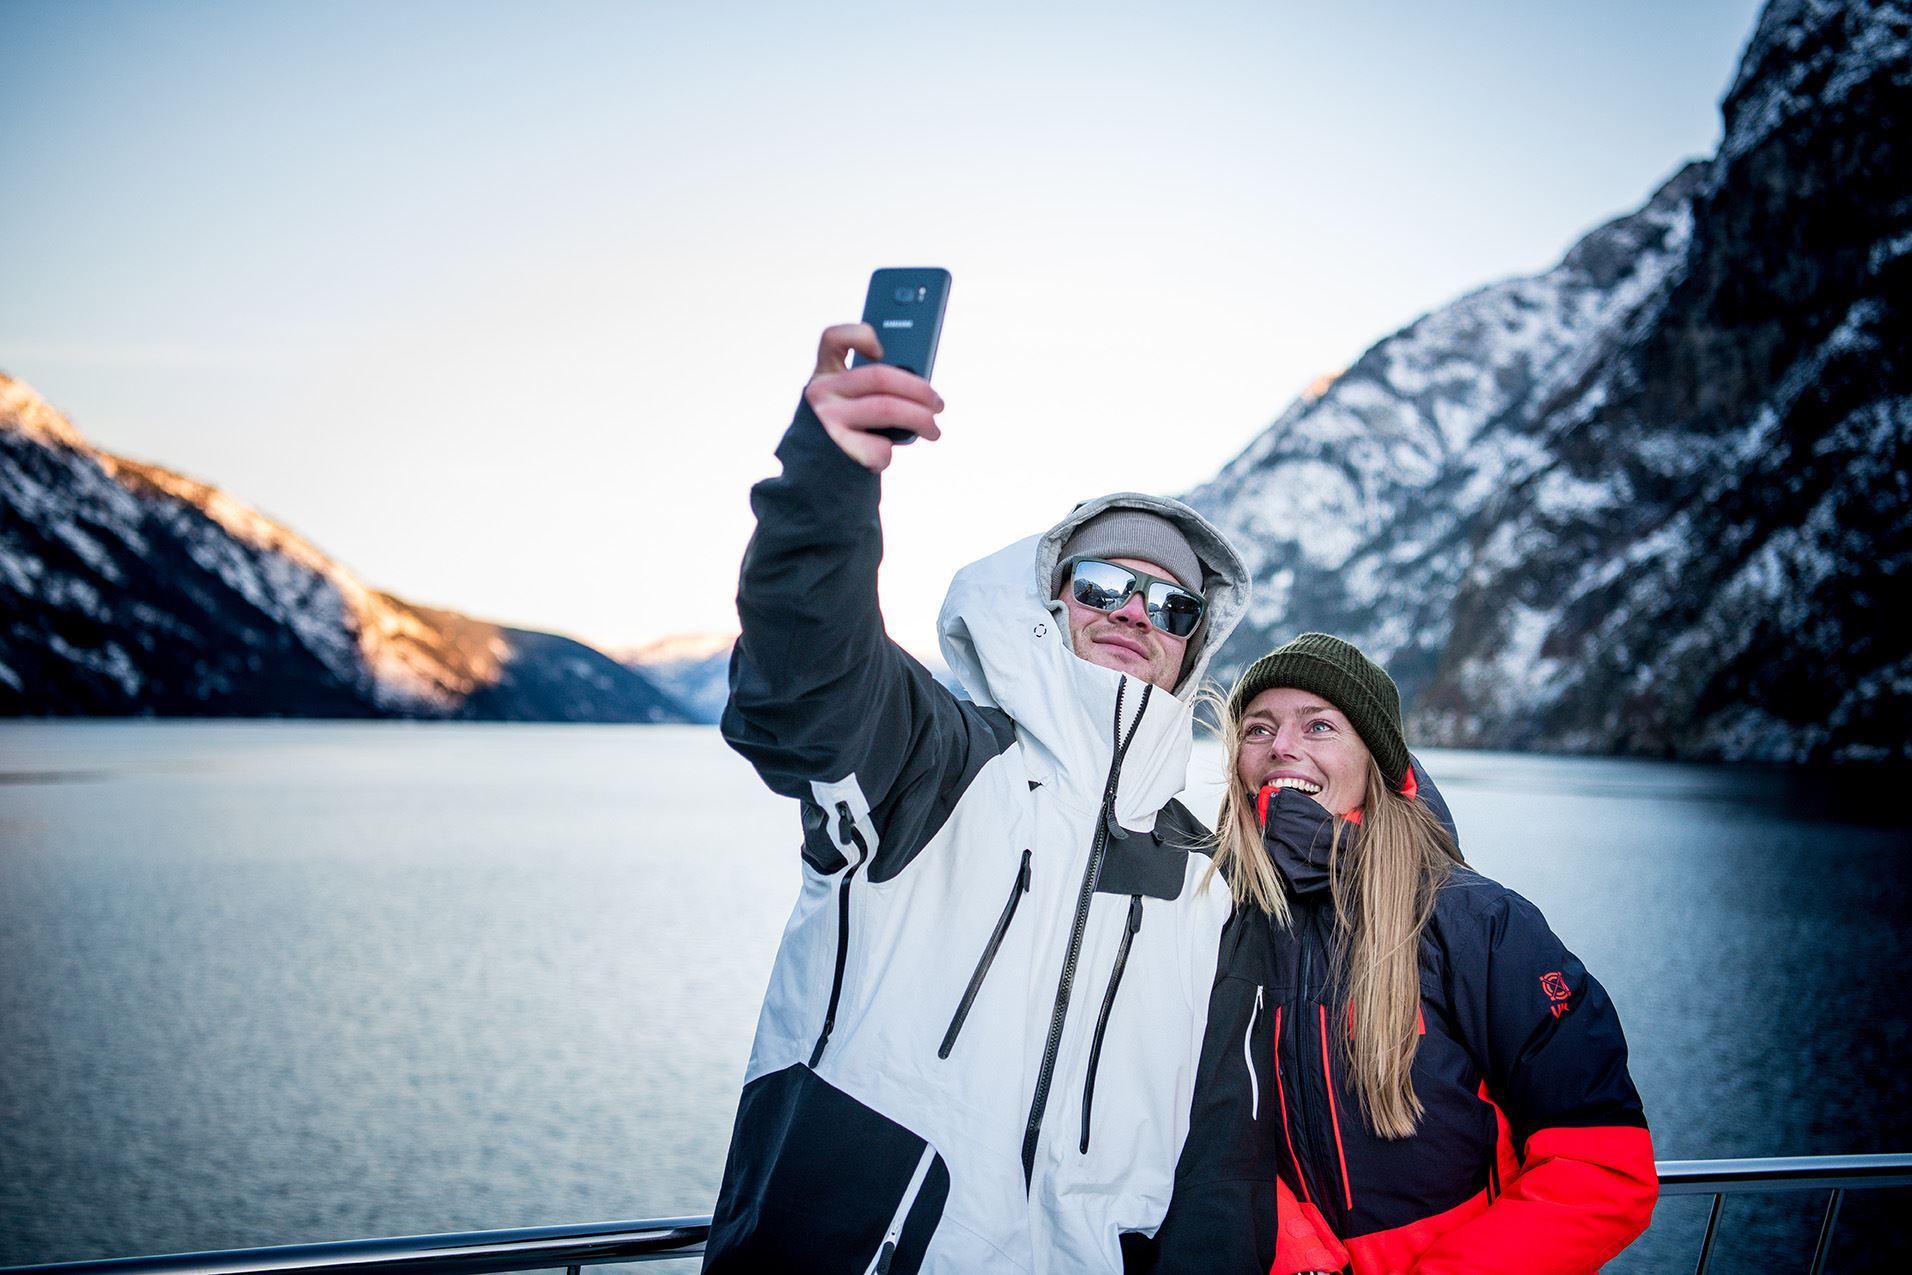 Sverre Hjørnevik - 18, Fjord selfie, Nærøyfjord